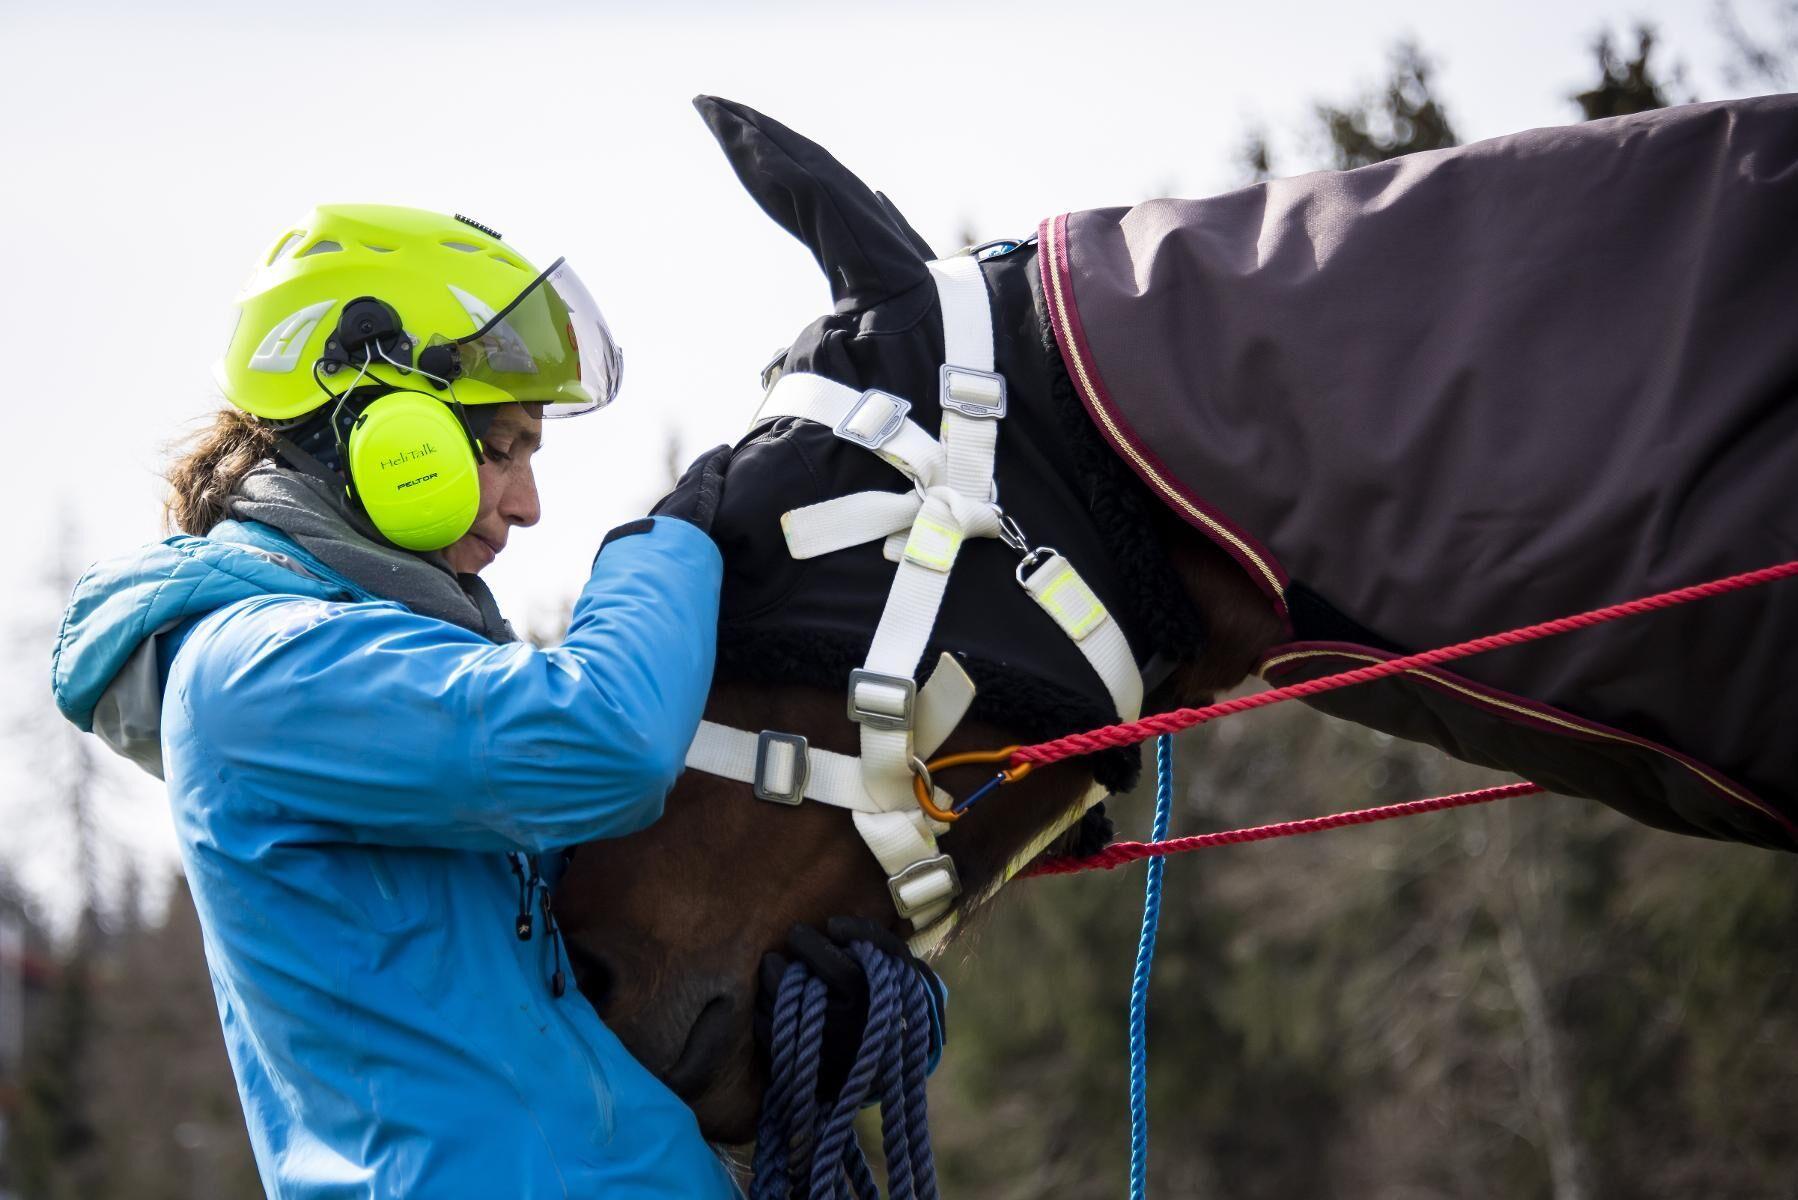 Förutom anpassade selar och lyftanordningar förseddes hästarna också med utrustning som blindhuvor och dövades för att inte bli skrämda. Dessutom gavs de lugnande medel innan lufttransporten.